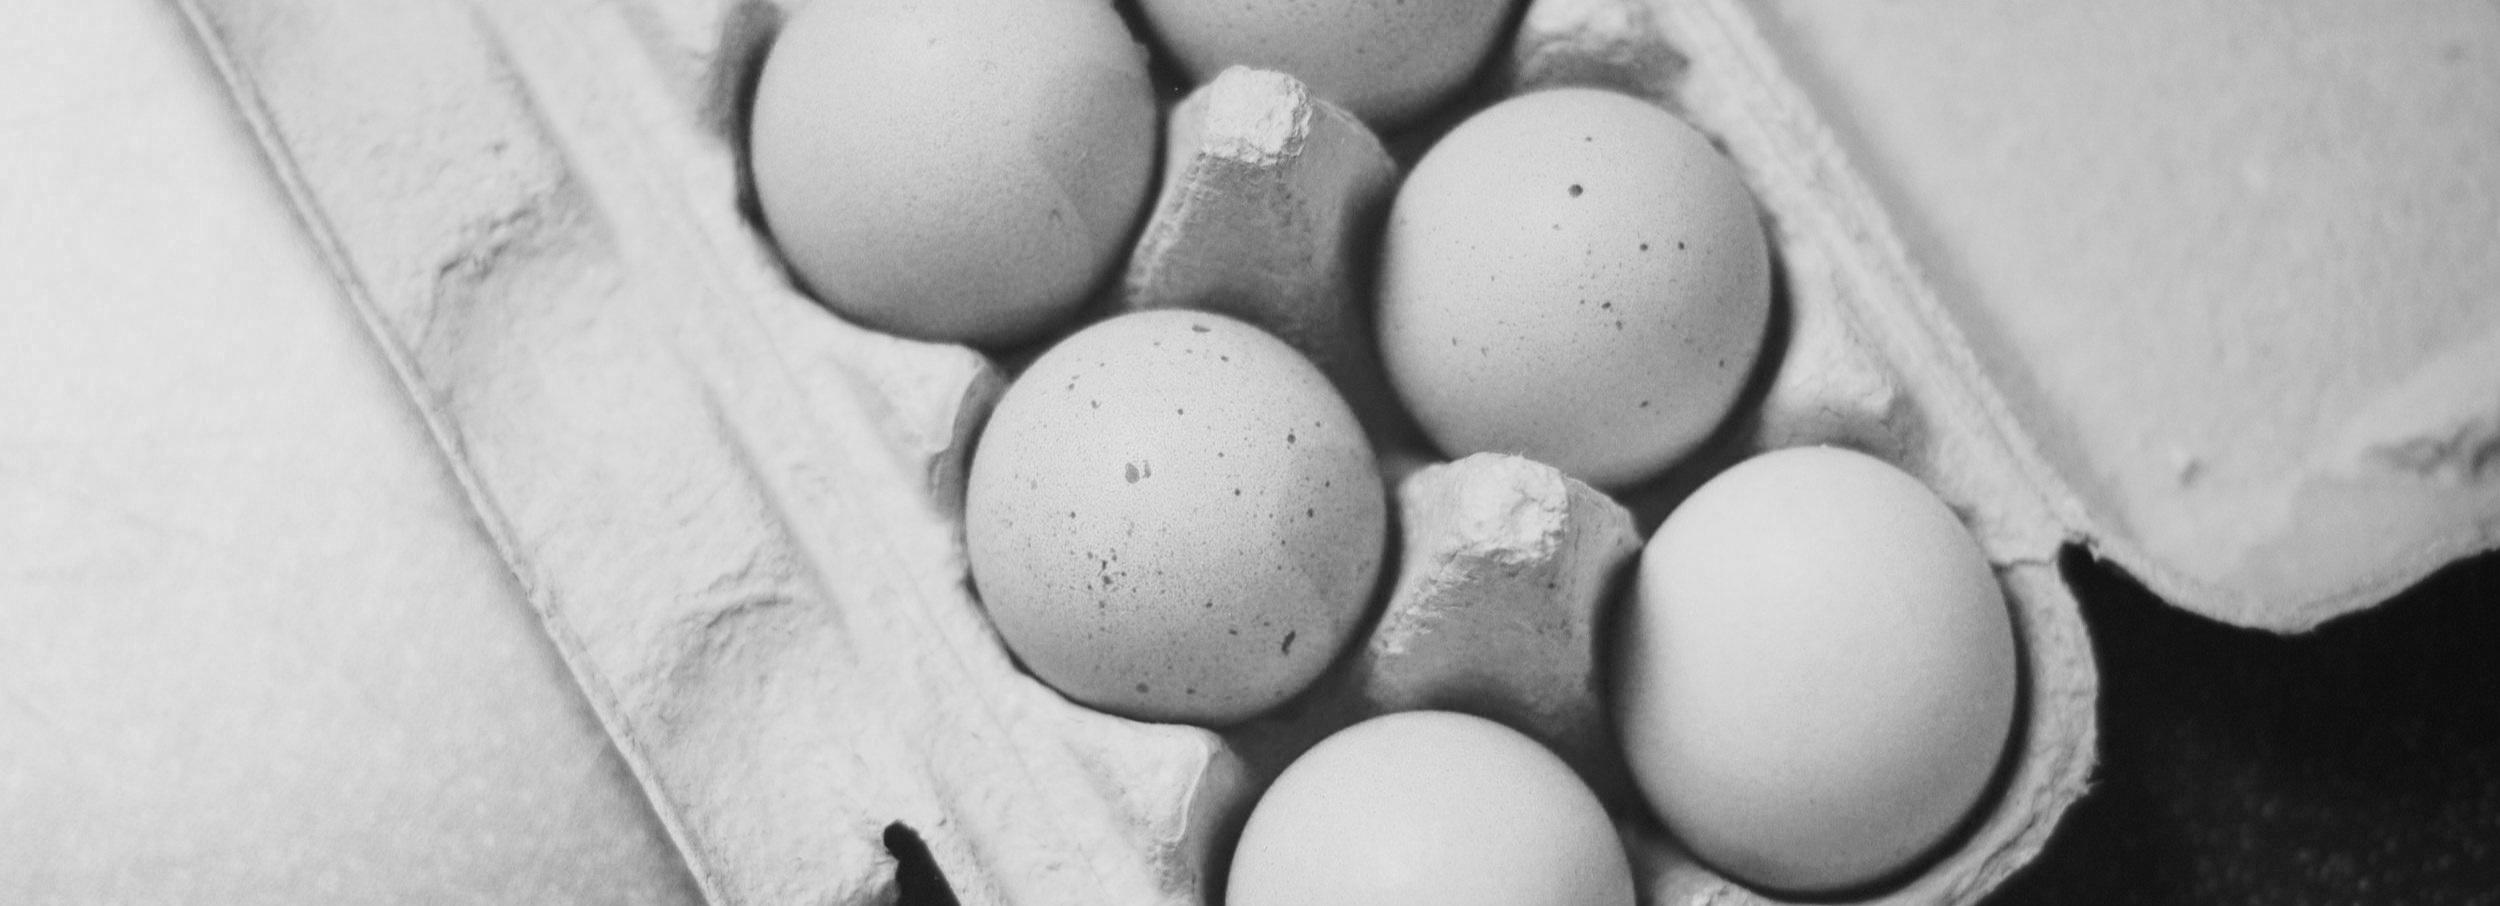 Hard Boiled Eggs -